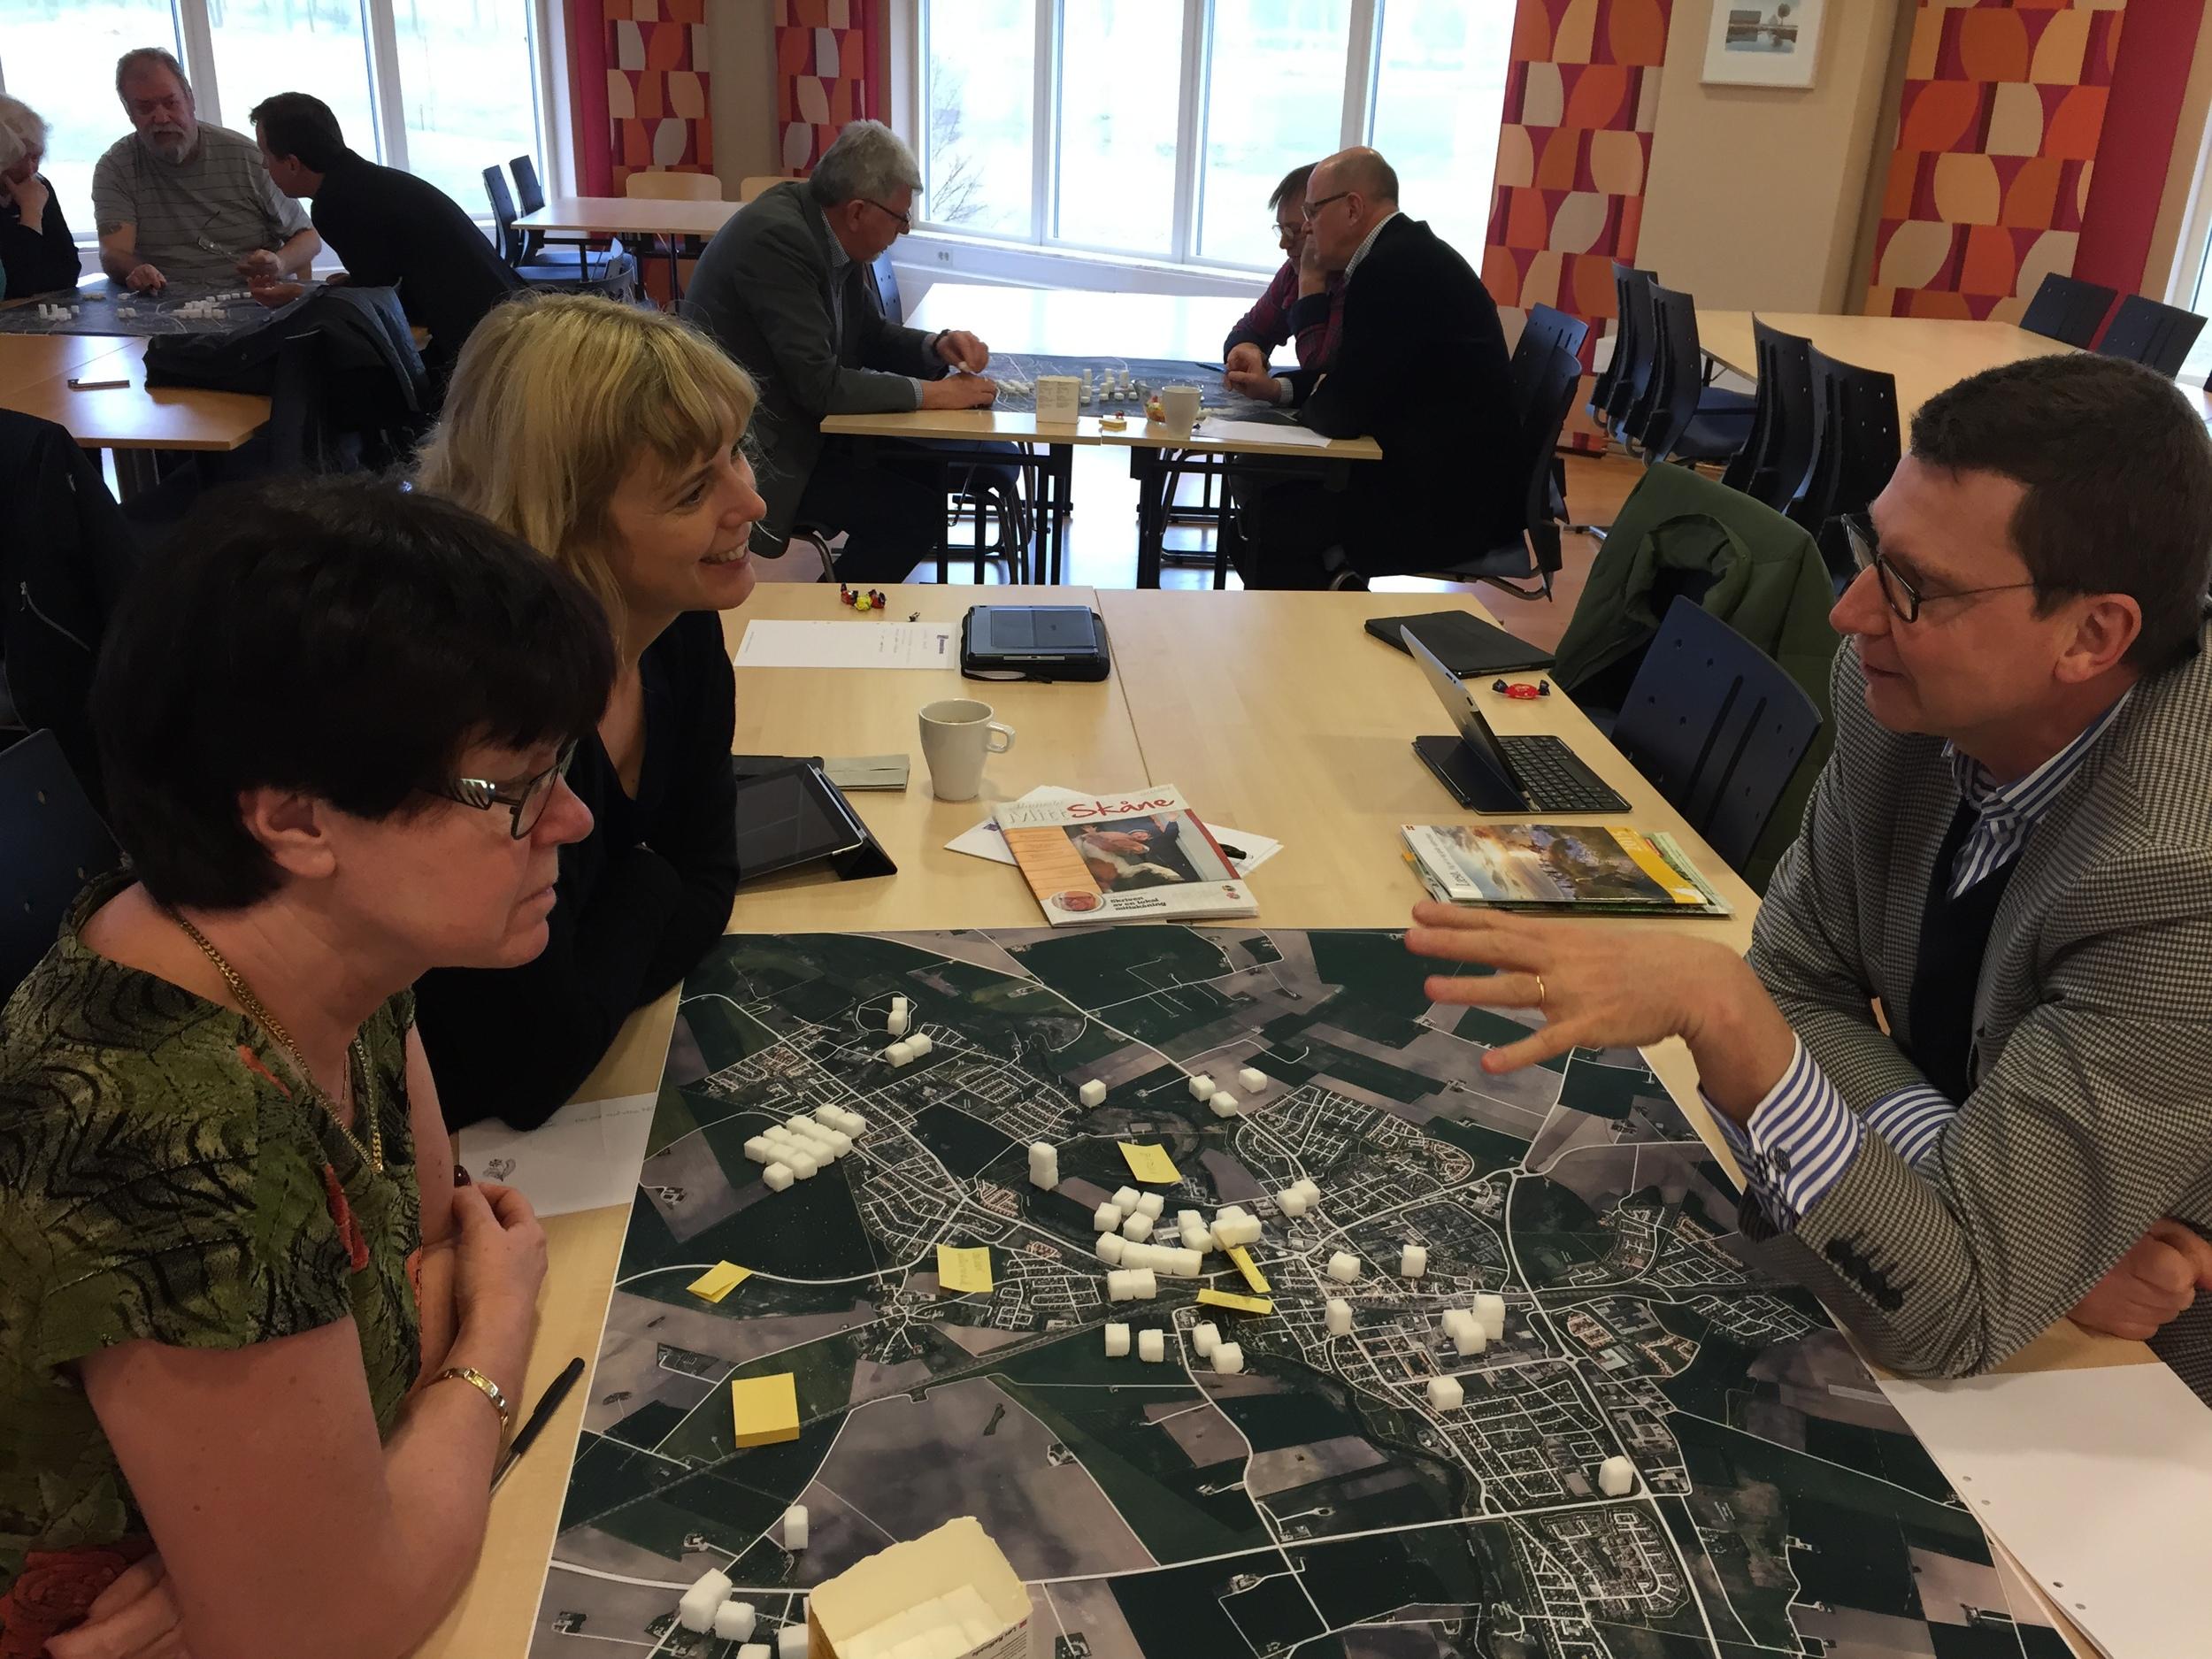 På uppdrag av Kävlinge kommun, strategiska avdelningen, genomförde Stadsliv AB en workshop kringKävlinges utveckling,framtidsbilder och strategier. Kommunstyrelse och tjänstemän utarbetade ett antal olika framtidsbilder, presenterade framgångs- och undergångs-scenarier (!) samt diskuterade åtgärdsplaner för att stärka kommunens erbjudande och hantera grönstruktur på ett värdeskapande sätt.